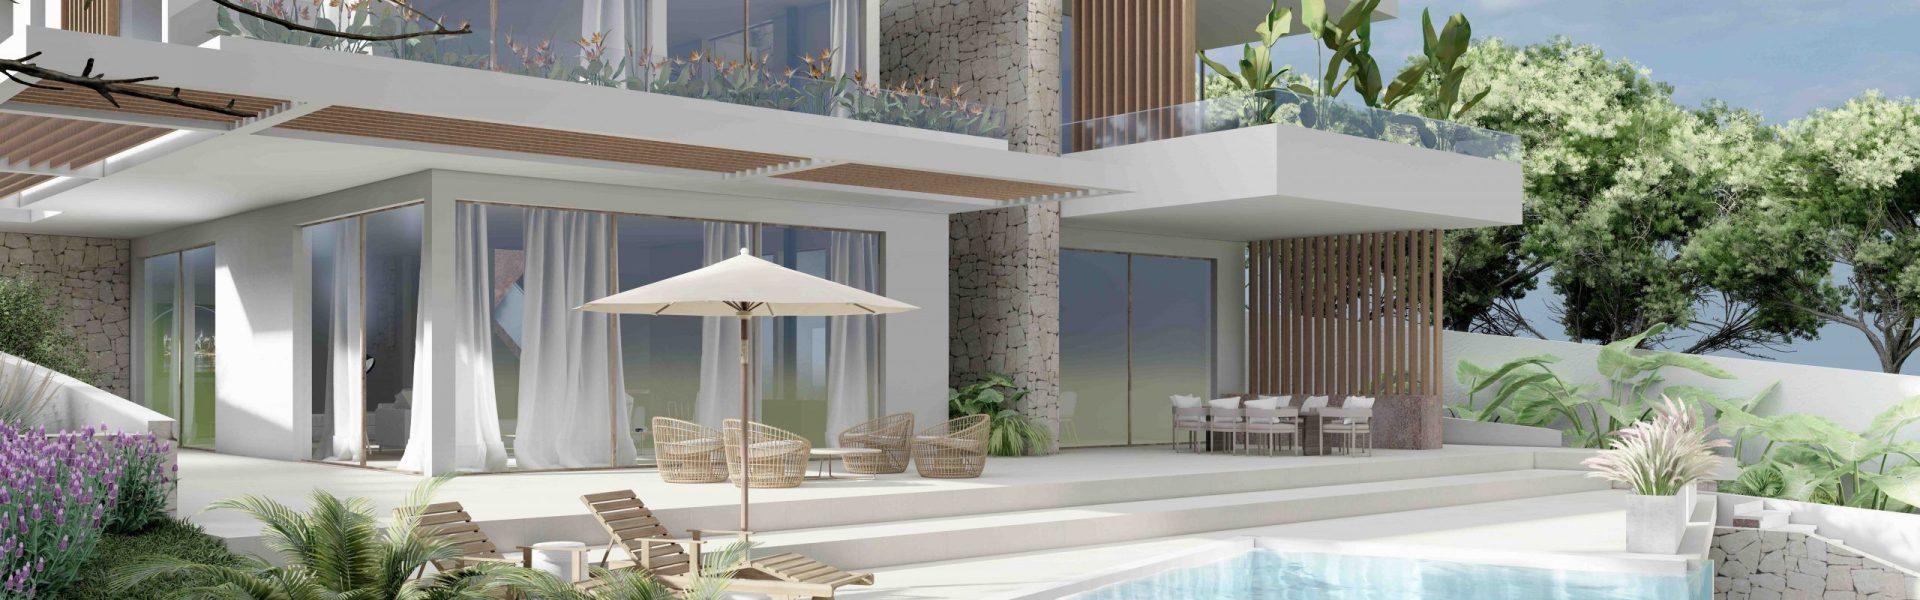 Estudio de arquitectura en Mallorca